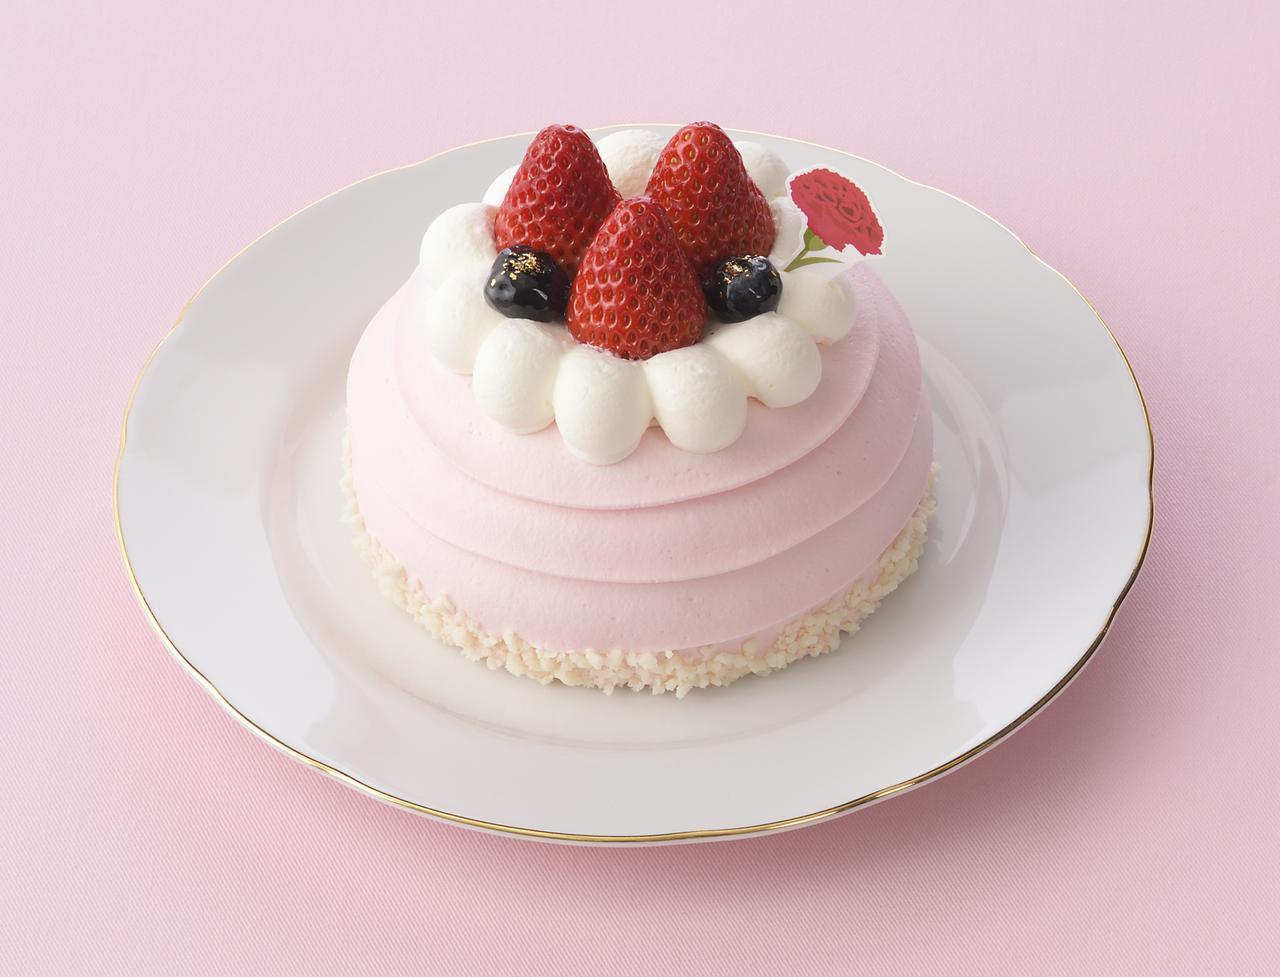 画像: 価 格: <直径10cm>¥1,380(税込¥1,490) 販売期間: 2017年5月6日(土)~14日(日) 特 長: ピンク色の苺クリームの中には、スポンジでサンドした苺果肉入りクリームと練乳クリーム。クリームと苺、ブルーベリーで飾ったかわいいお花のようなデコレーションケーキ。母の日ピック付き。